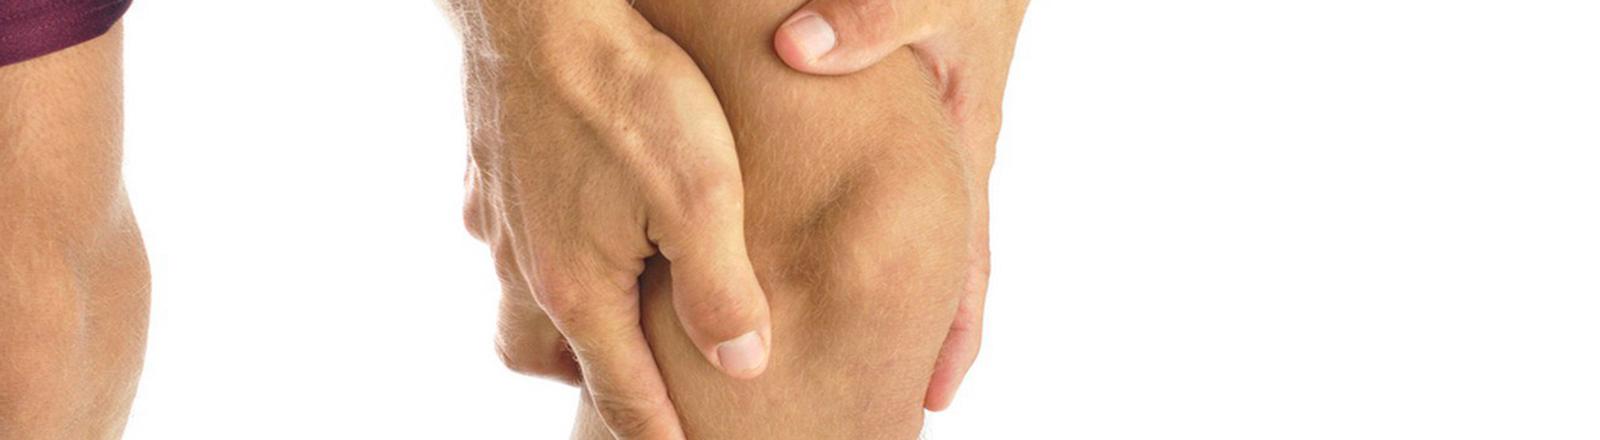 La artrosis y la artritis